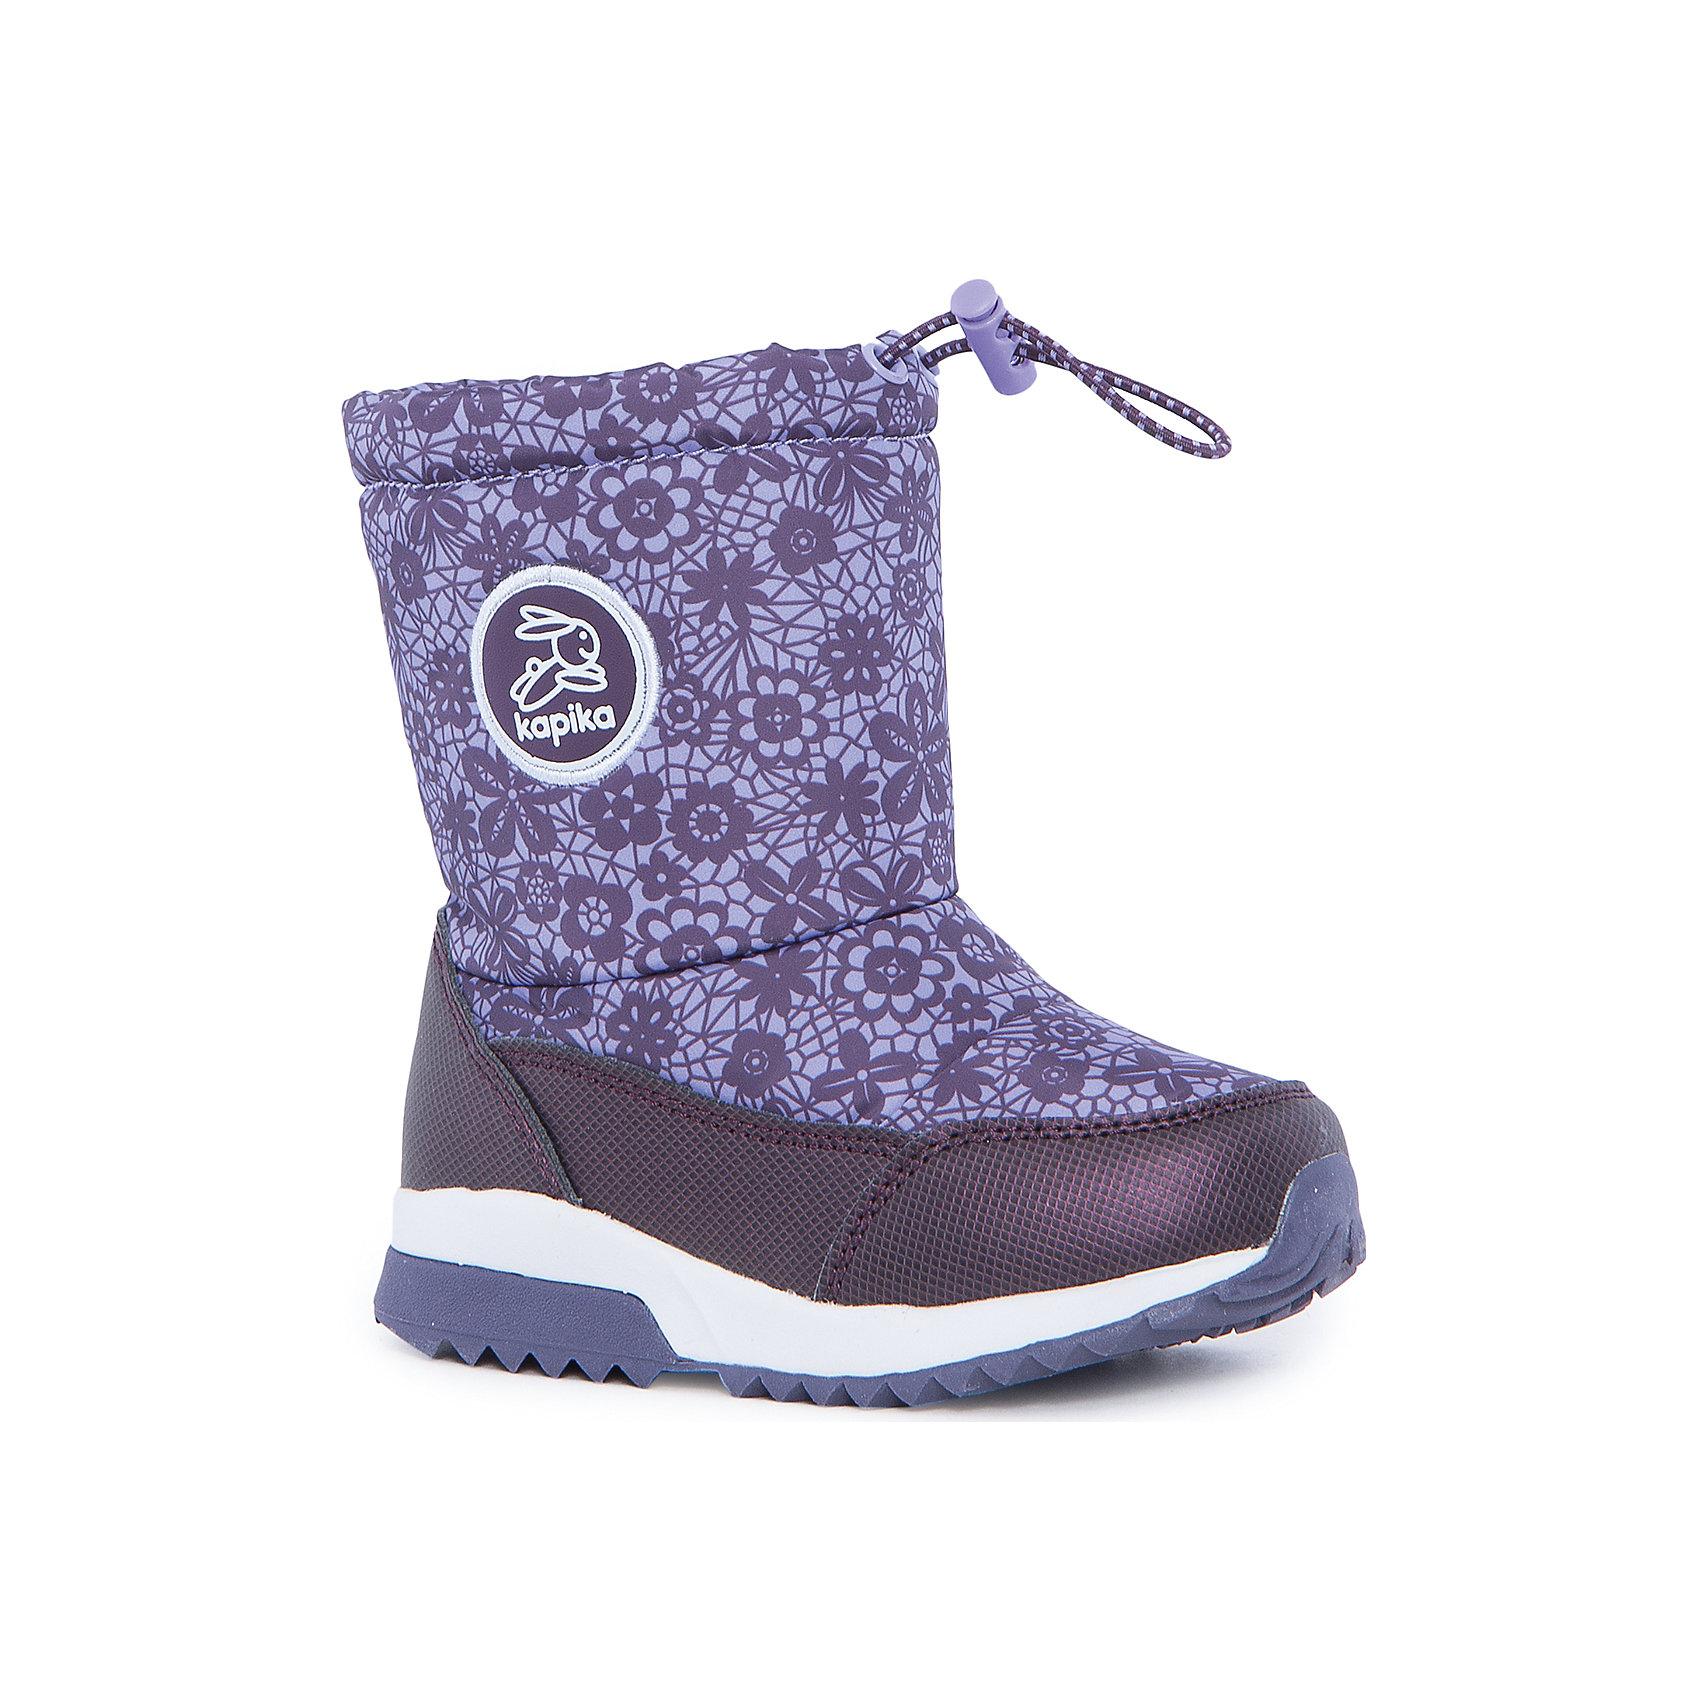 Полусапоги для девочки KAPIKAПолусапоги для девочки KAPIKA.<br><br>Температурный режим: до -20 градусов. Степень утепления – средняя. <br><br>* Температурный режим указан приблизительно — необходимо, прежде всего, ориентироваться на ощущения ребенка. <br><br>Сапоги-дутики защитят ноги малыша от снега и дождя. Благодаря теплому меху внутри их можно носить даже в очень холодную погоду. Подошва сделана с противоскользящим эффектом. Сверху есть резинка-утяжка, которая не даст влаге проникнуть через верх. <br><br>Дополнительная информация:<br><br>- материал верха: искусственная кожа, текстиль<br>- материал подкладки: 80% шерсть, 20% искусственный мех<br>- цвет: сиреневый<br><br>Полусапоги для девочки KAPIKA можно купить в нашем интернет магазине.<br><br>Ширина мм: 257<br>Глубина мм: 180<br>Высота мм: 130<br>Вес г: 420<br>Цвет: фиолетовый<br>Возраст от месяцев: 18<br>Возраст до месяцев: 21<br>Пол: Женский<br>Возраст: Детский<br>Размер: 25,23,24,26,27<br>SKU: 4988178